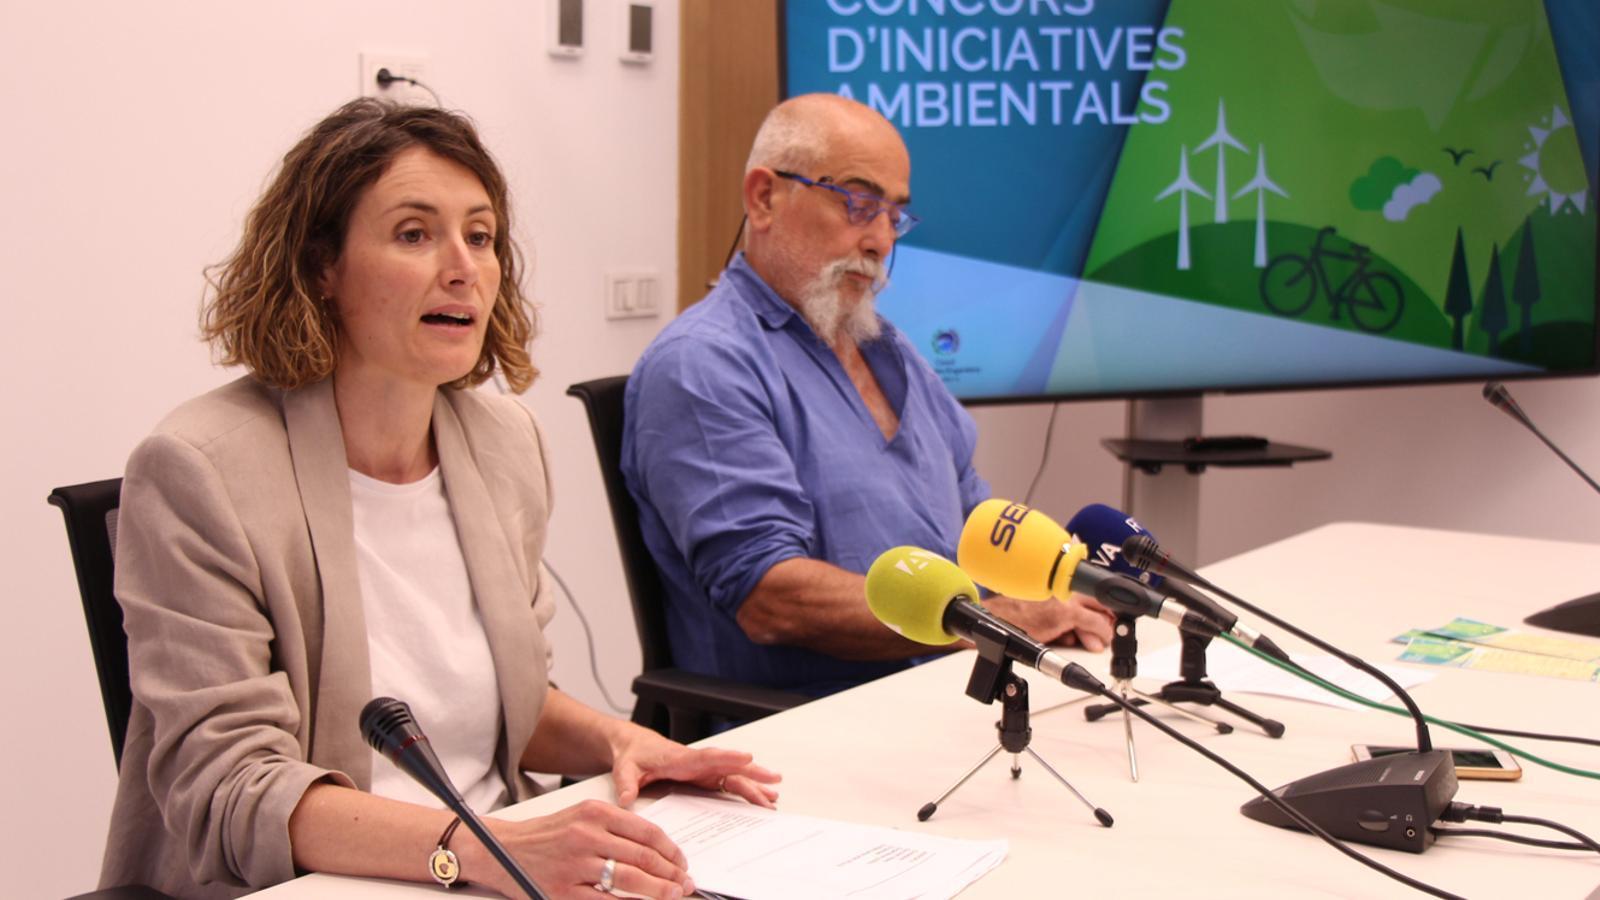 La directora de Medi Ambient i Sostenibilitat, Sílvia Ferrer, i el conseller de Medi Ambient, Didier Aleix, durant la roda de premsa de presentació del Concurs d'Iniciatives Ambientals. / M. P. (ANA)